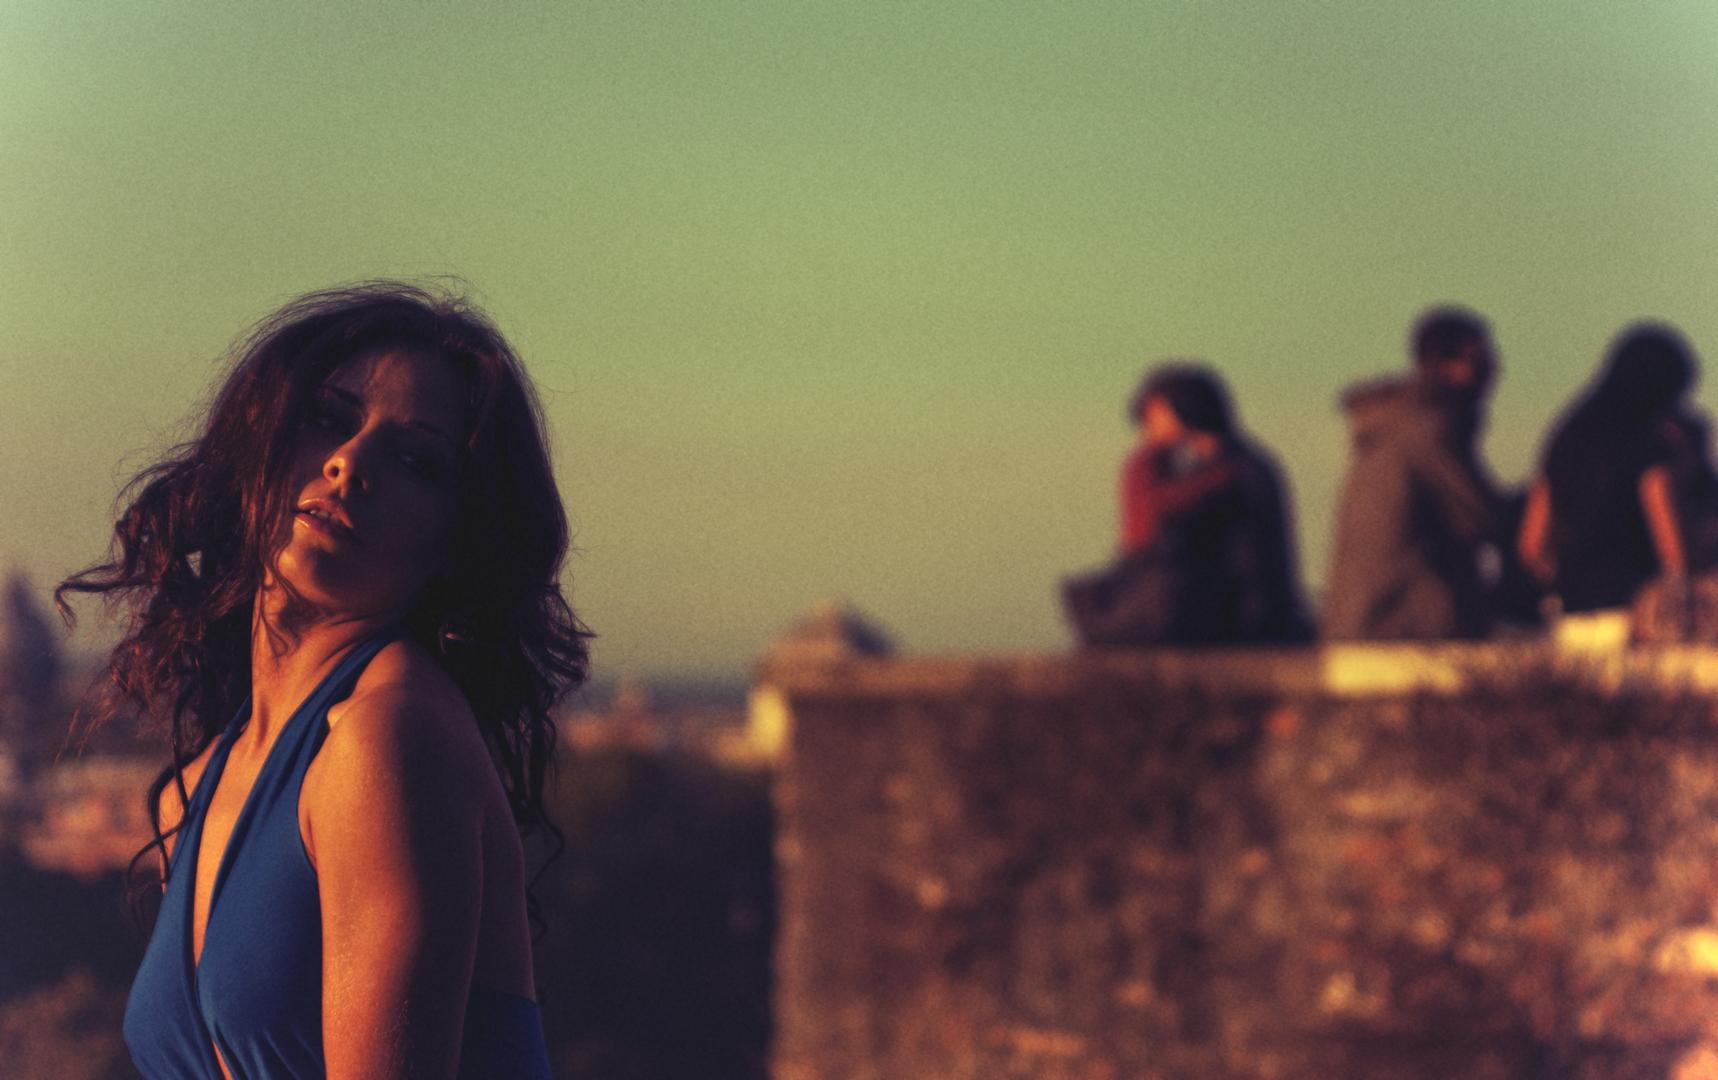 Fotografia in Roma - Sagittario 10 - Michele Settembre